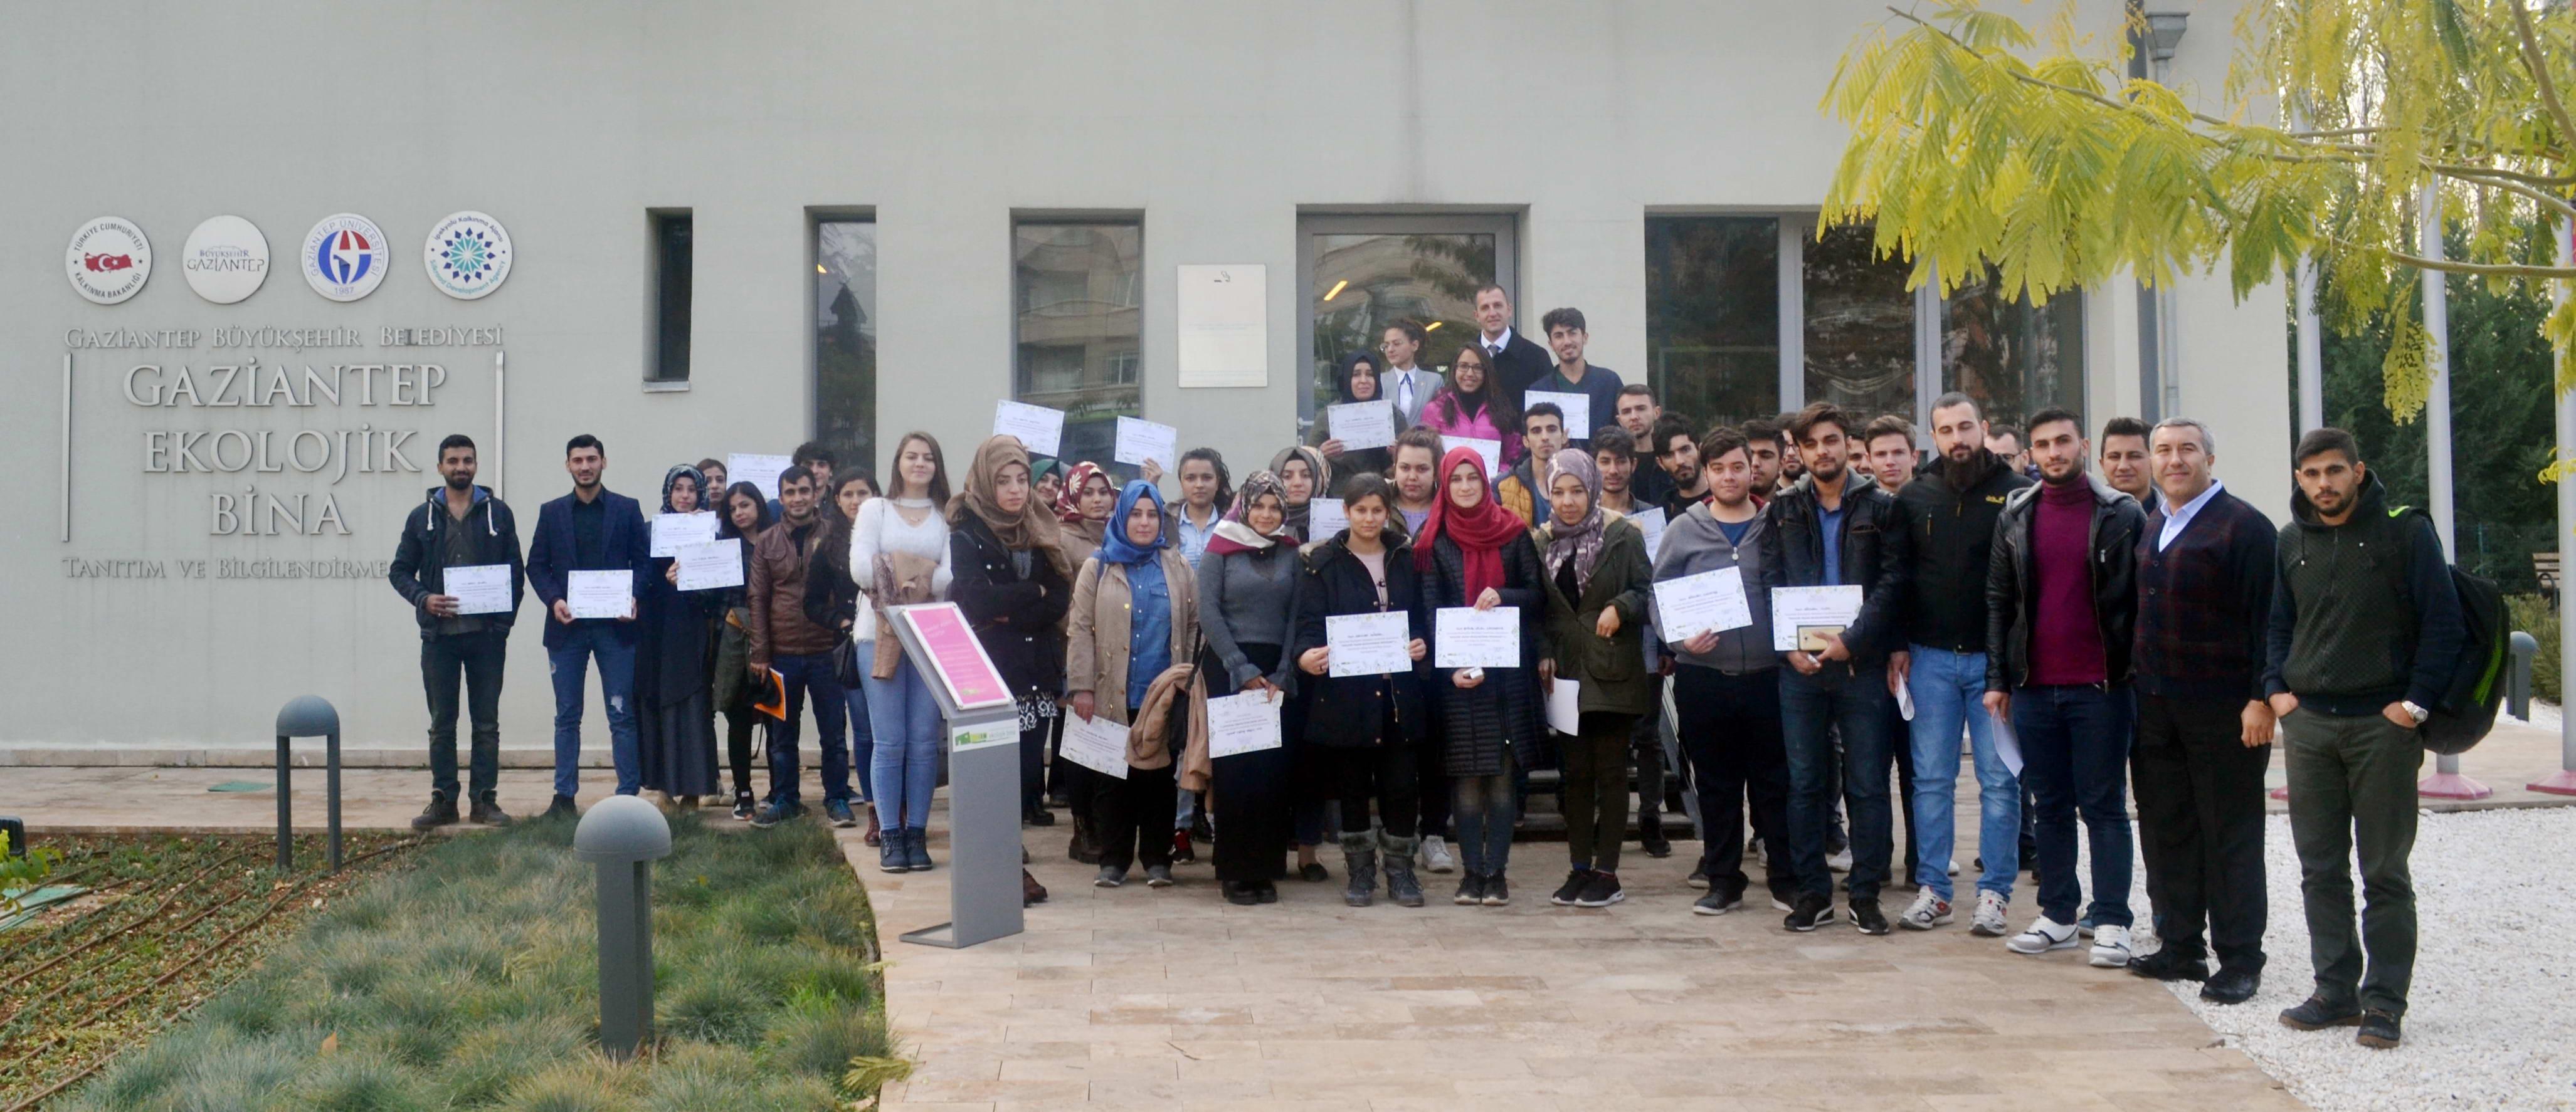 Oğuzeli MYO Öğrencilerinden Ekolojik Binaya Ziyaret -  (1)